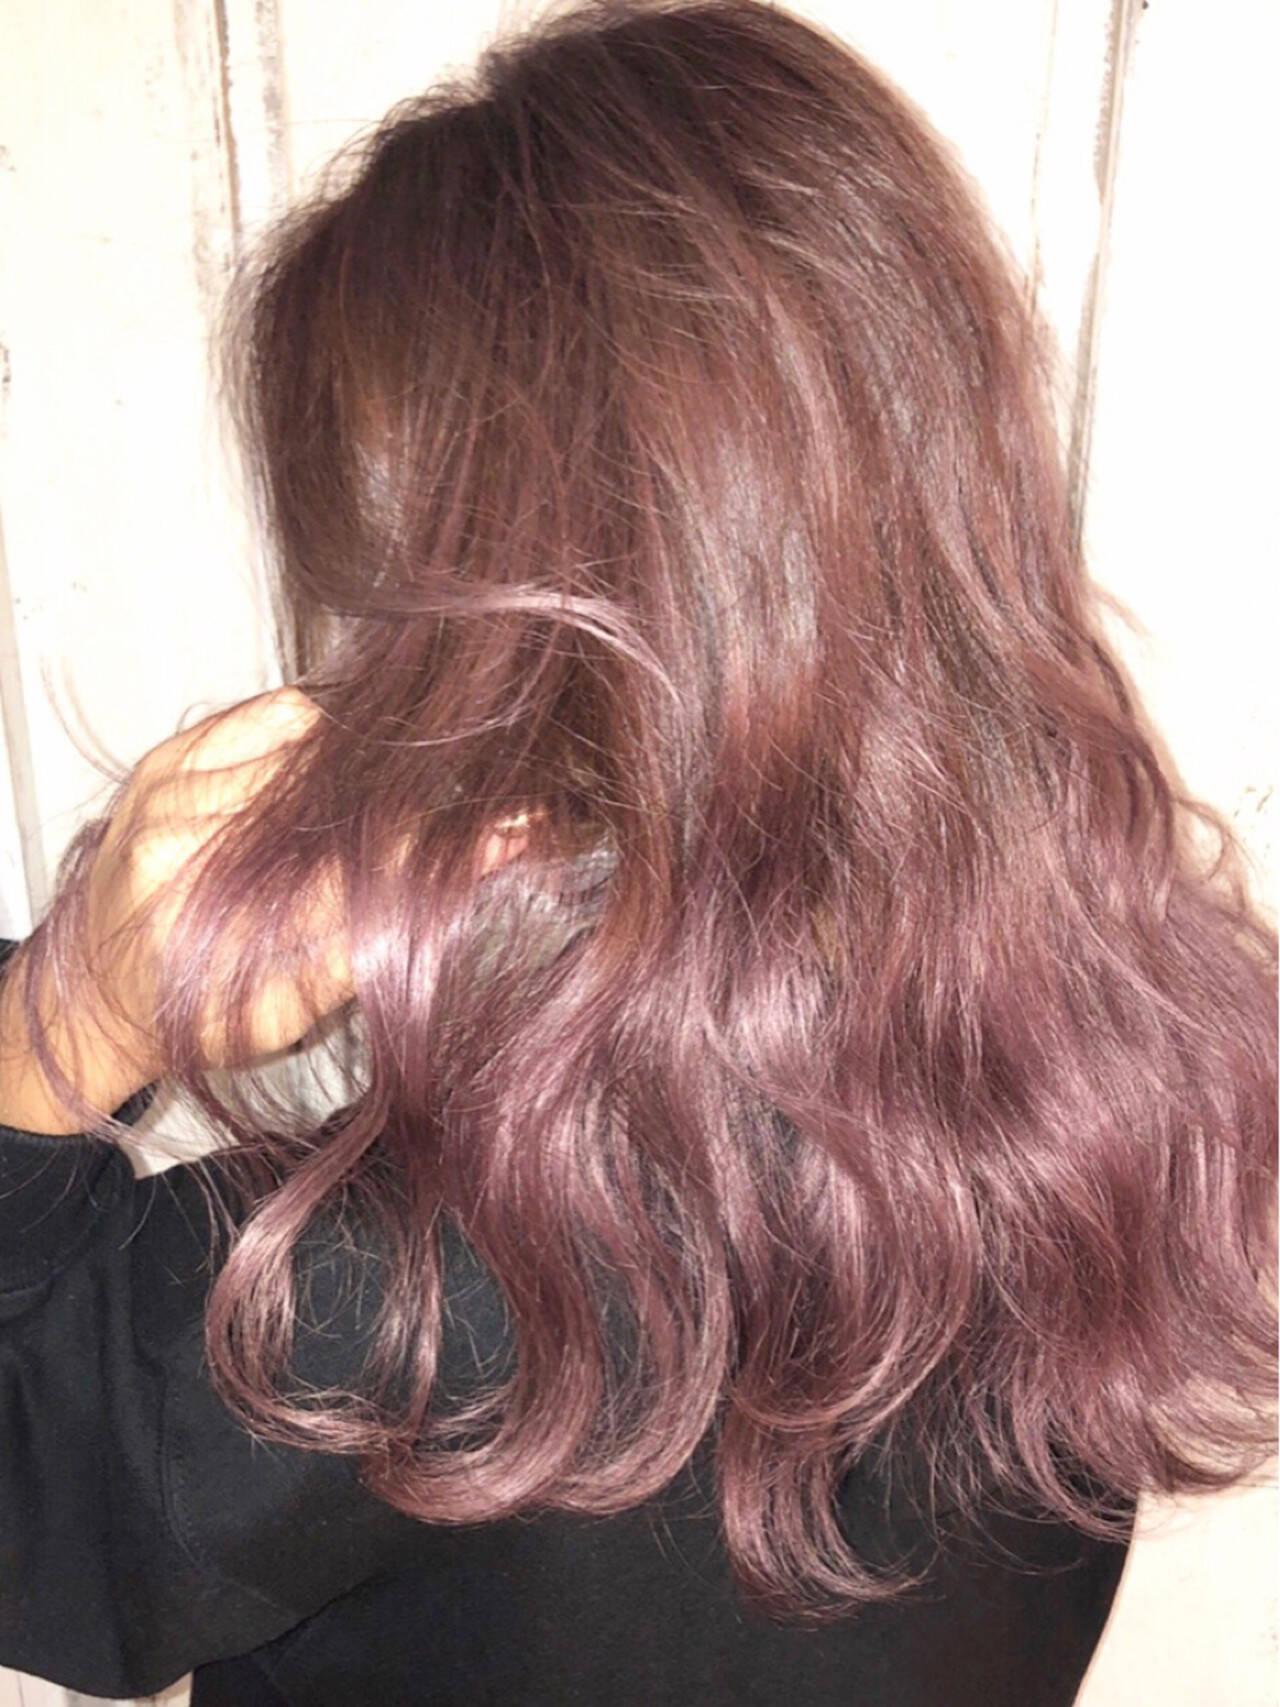 モード セミロング ピンクパープル ピンクアッシュヘアスタイルや髪型の写真・画像